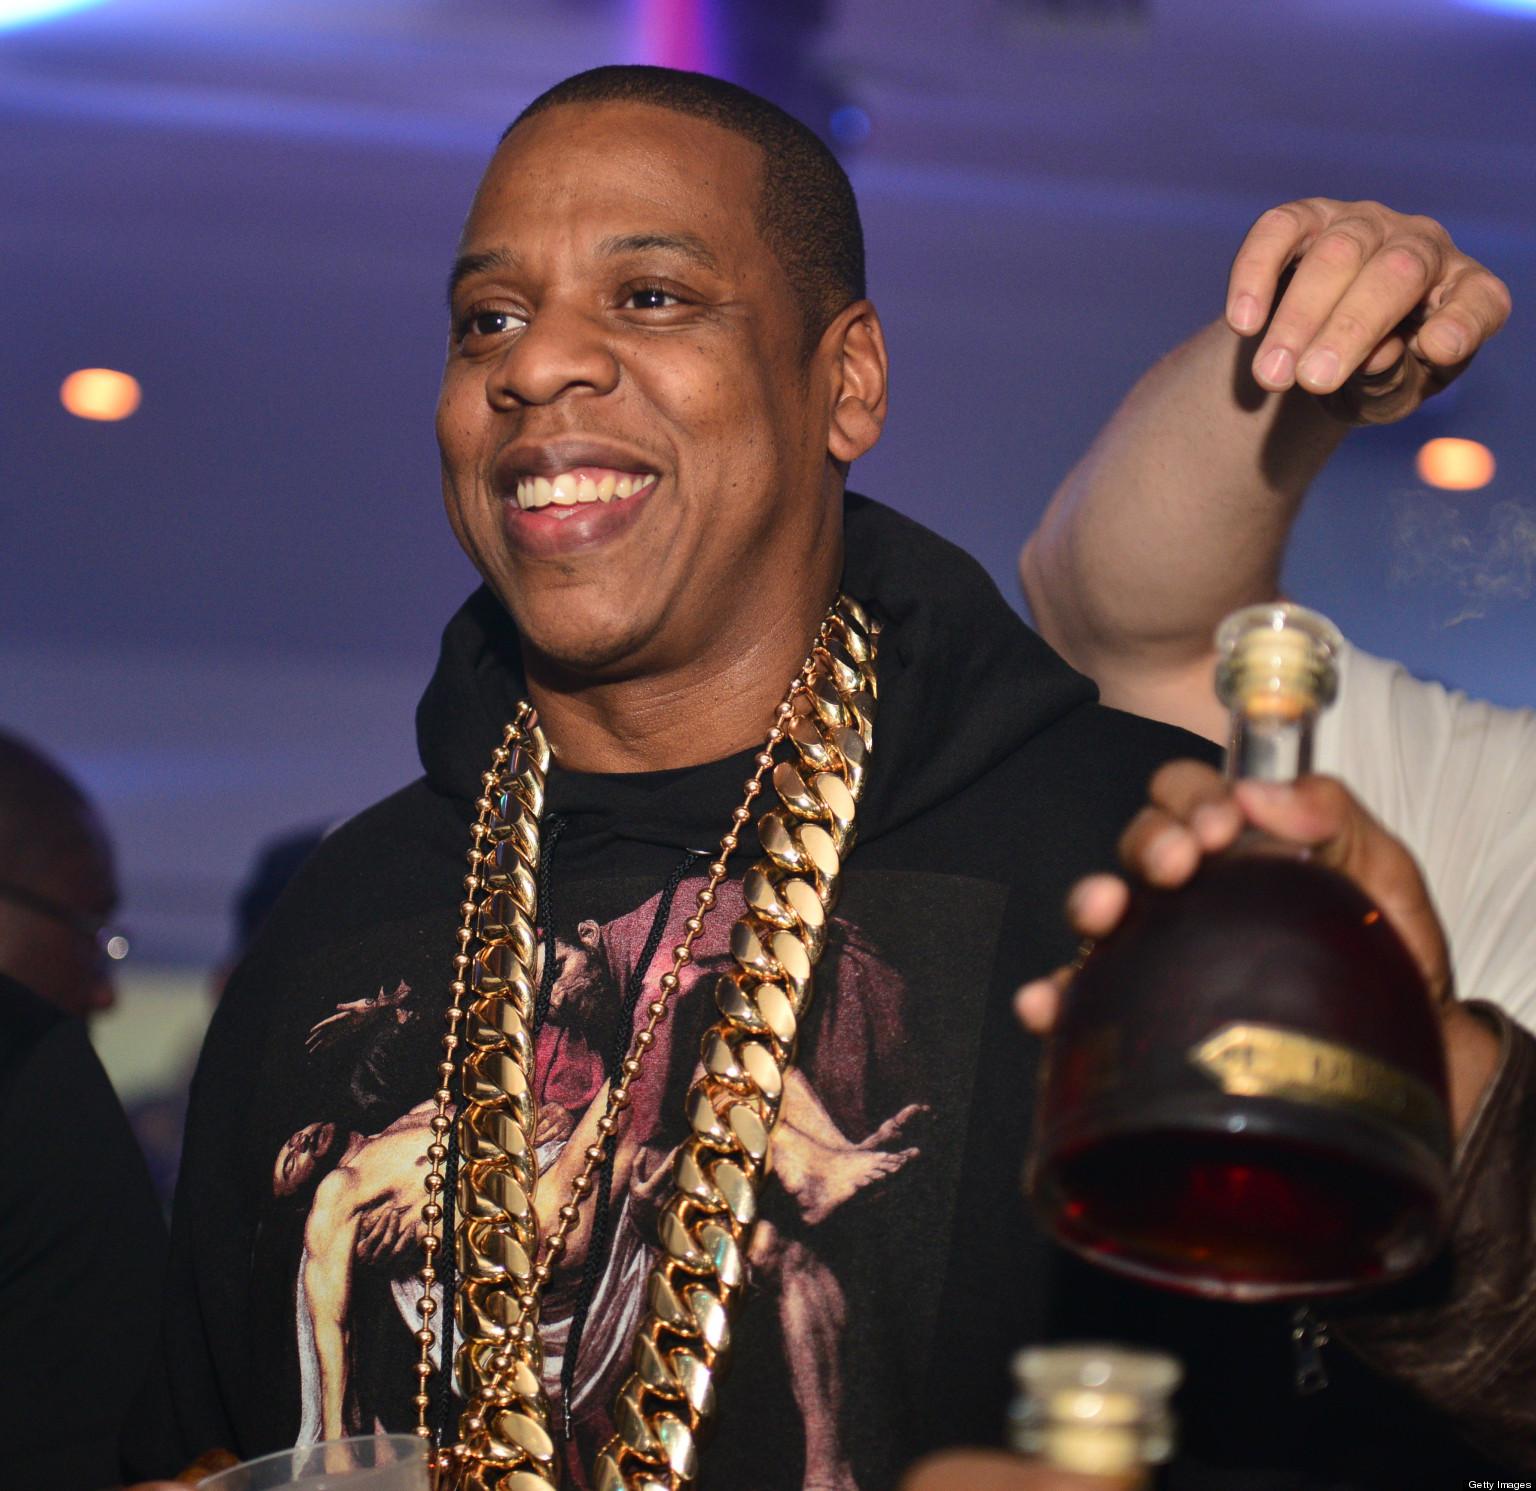 Jay Z Loves The Great Gatsby Says Director Baz Luhrmann